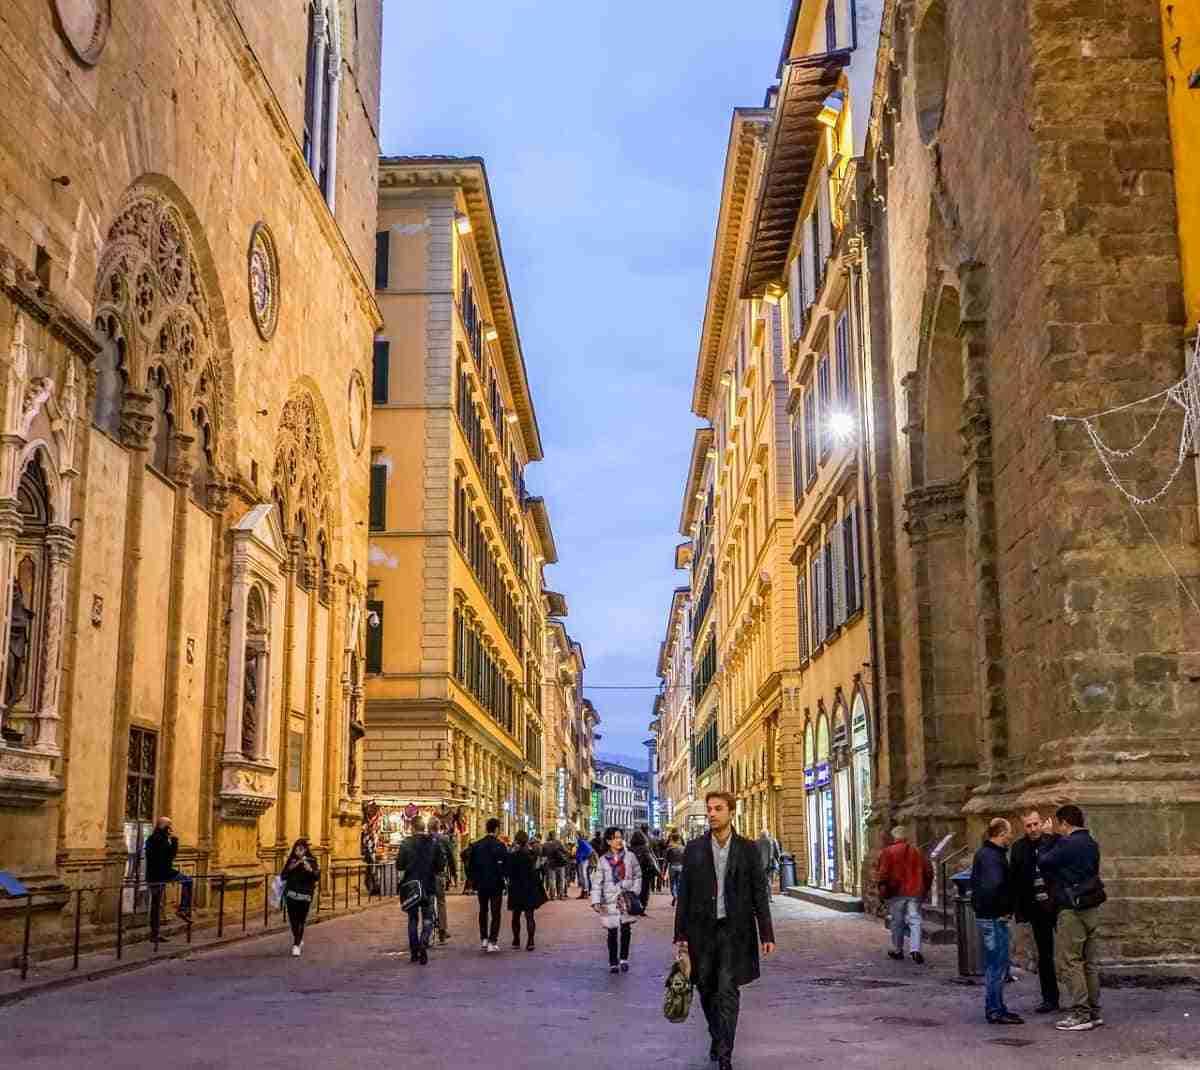 centro historico de florencia italia